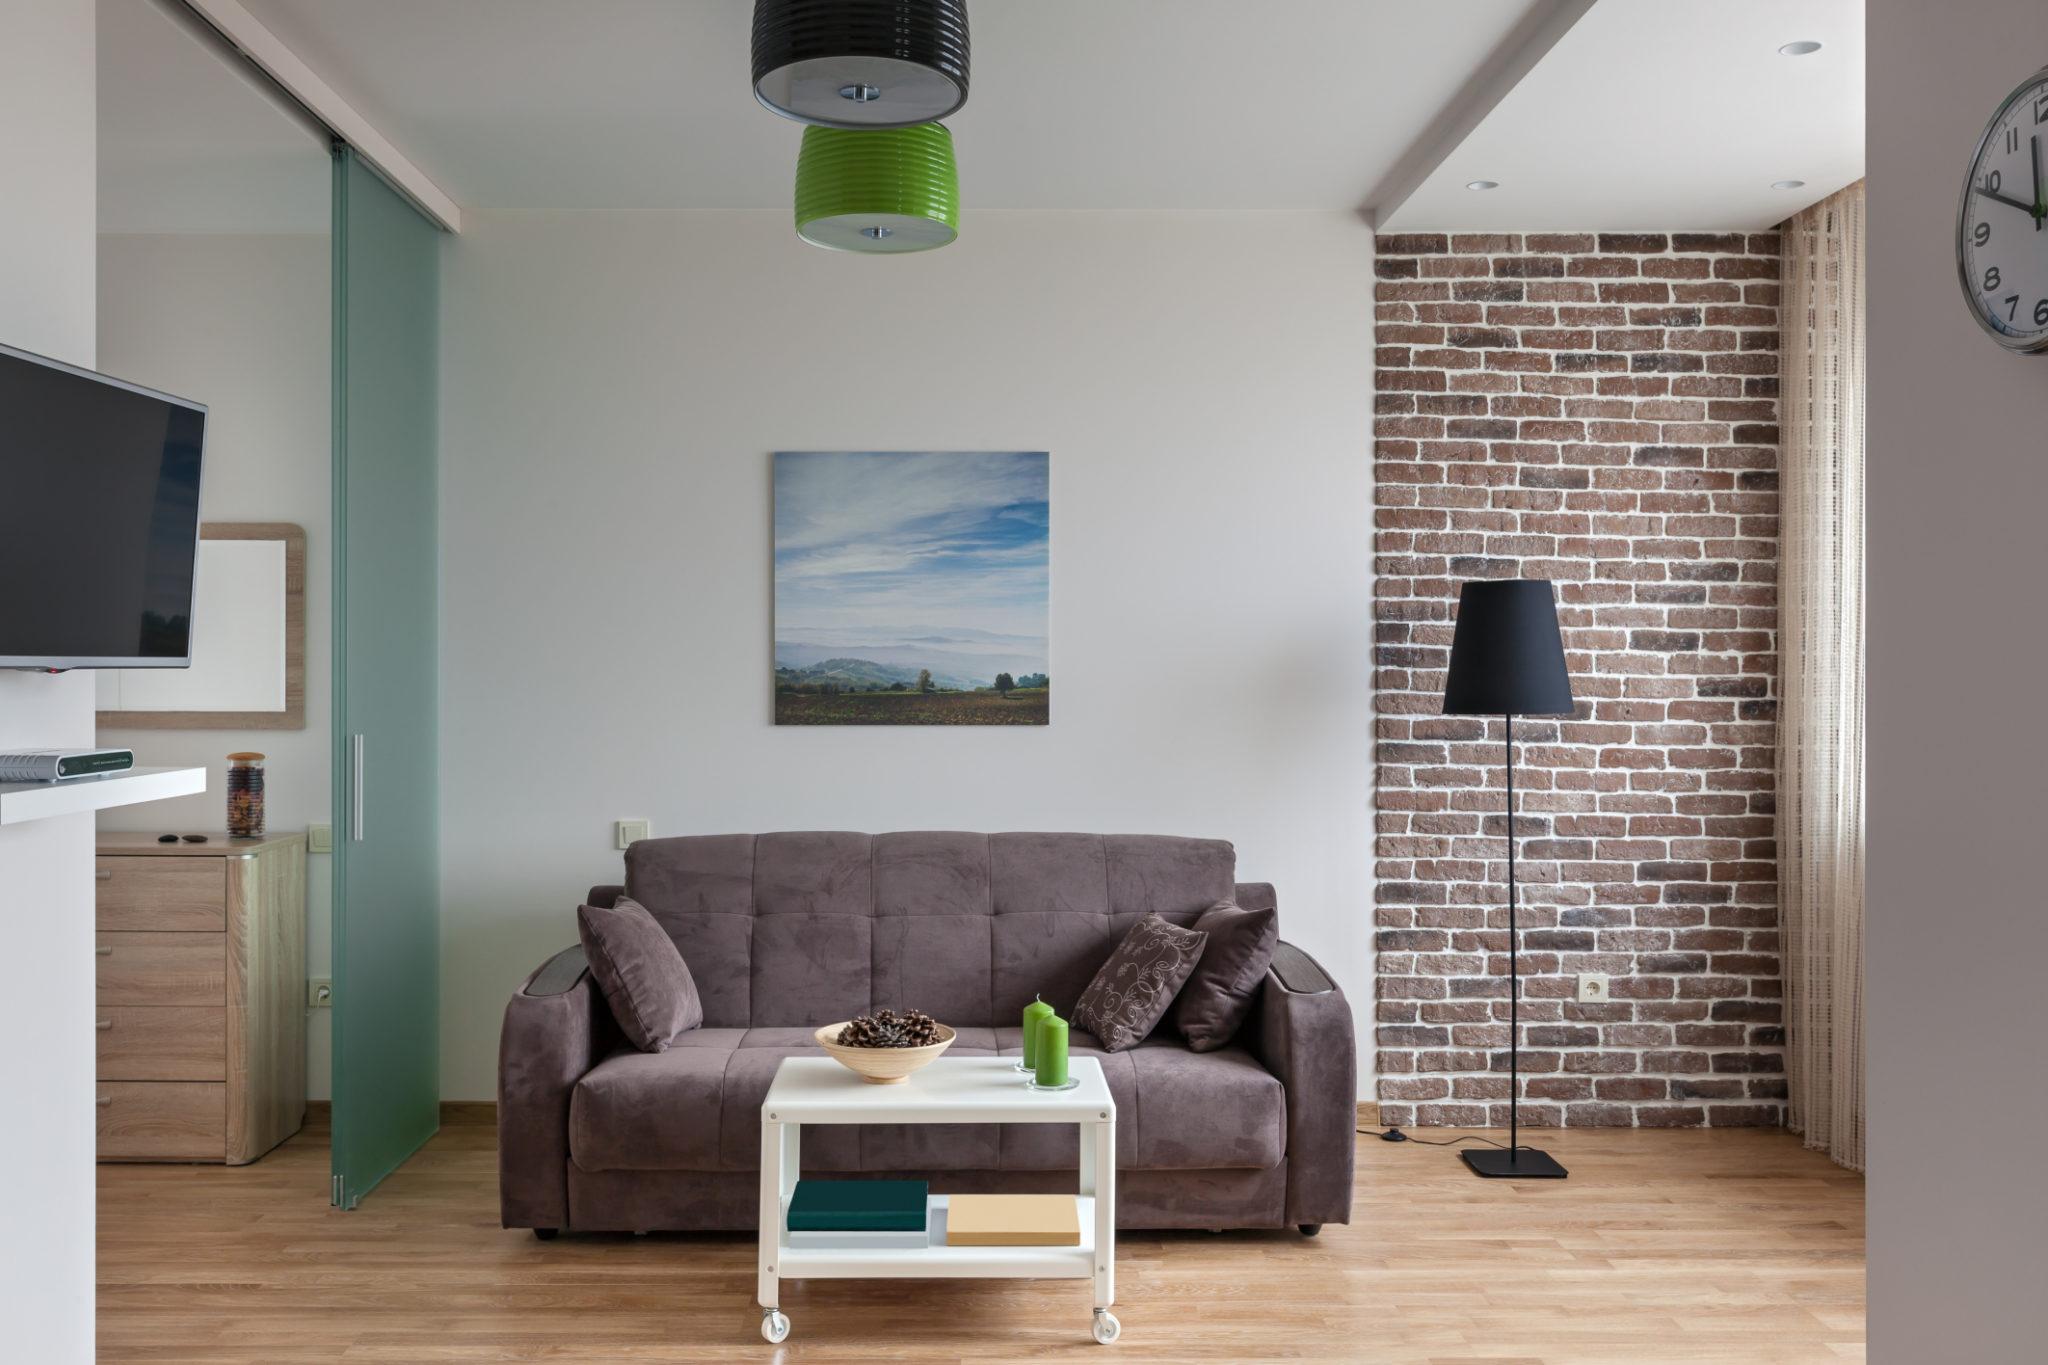 wohnzimmerz: wohnung gestalten tipps with moderne kleine wohnung, Wohnzimmer dekoo